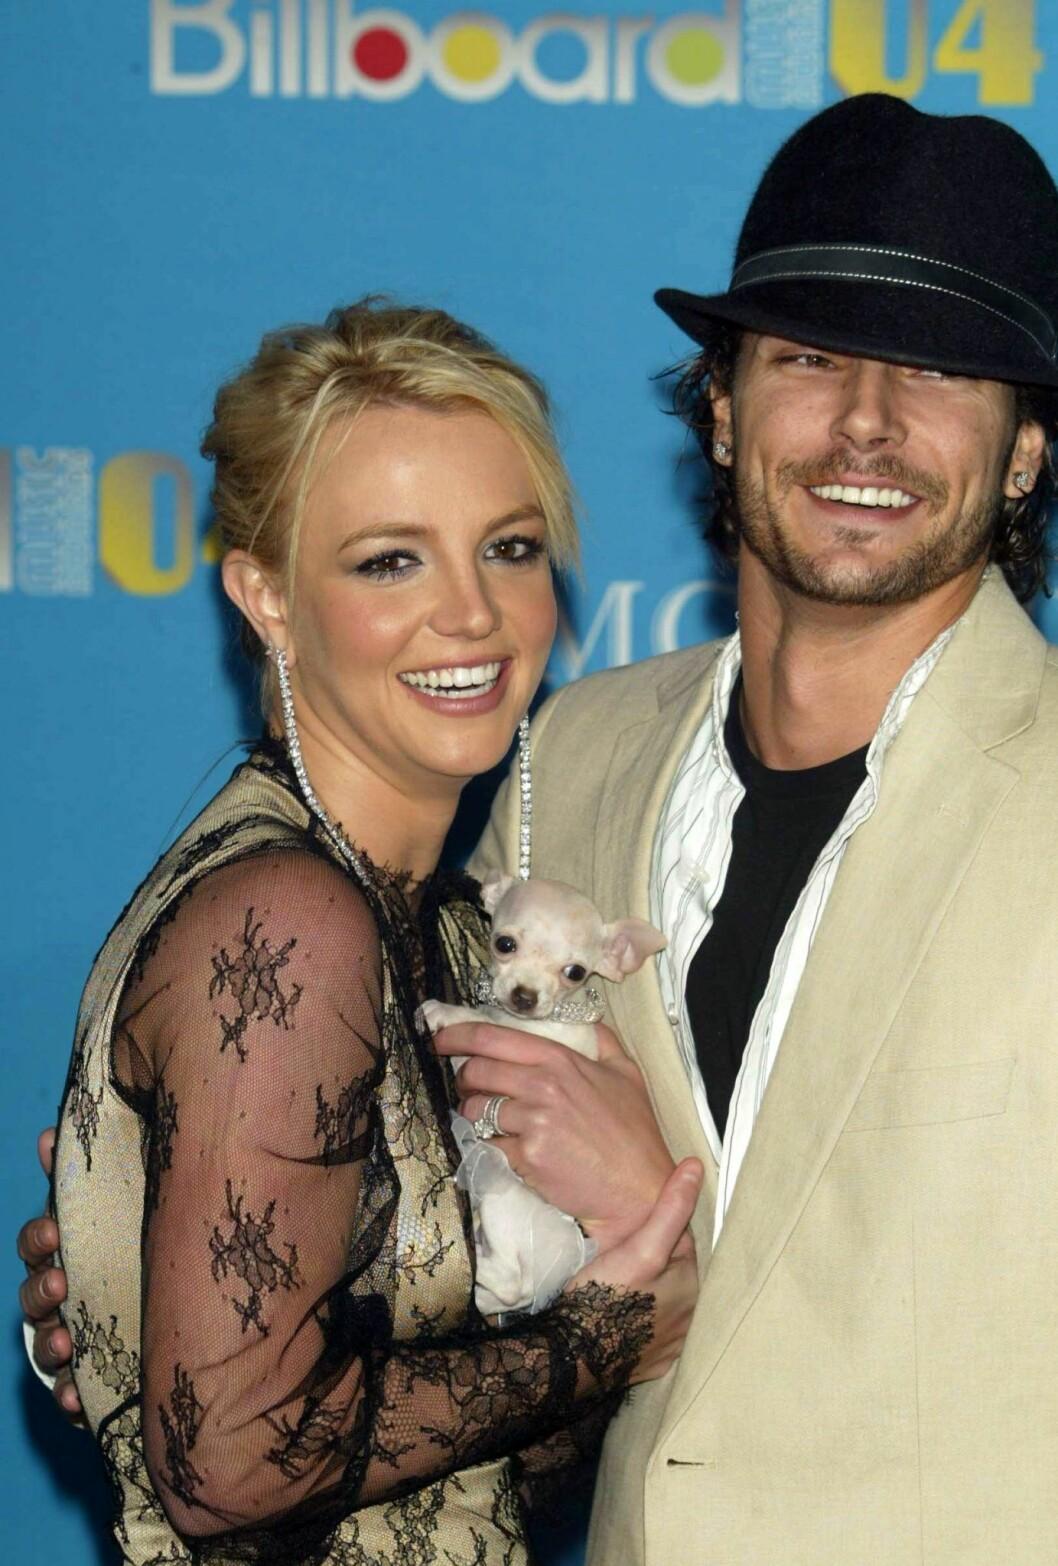 Britney spears och Kevin federline står tätt ihop och skrattar